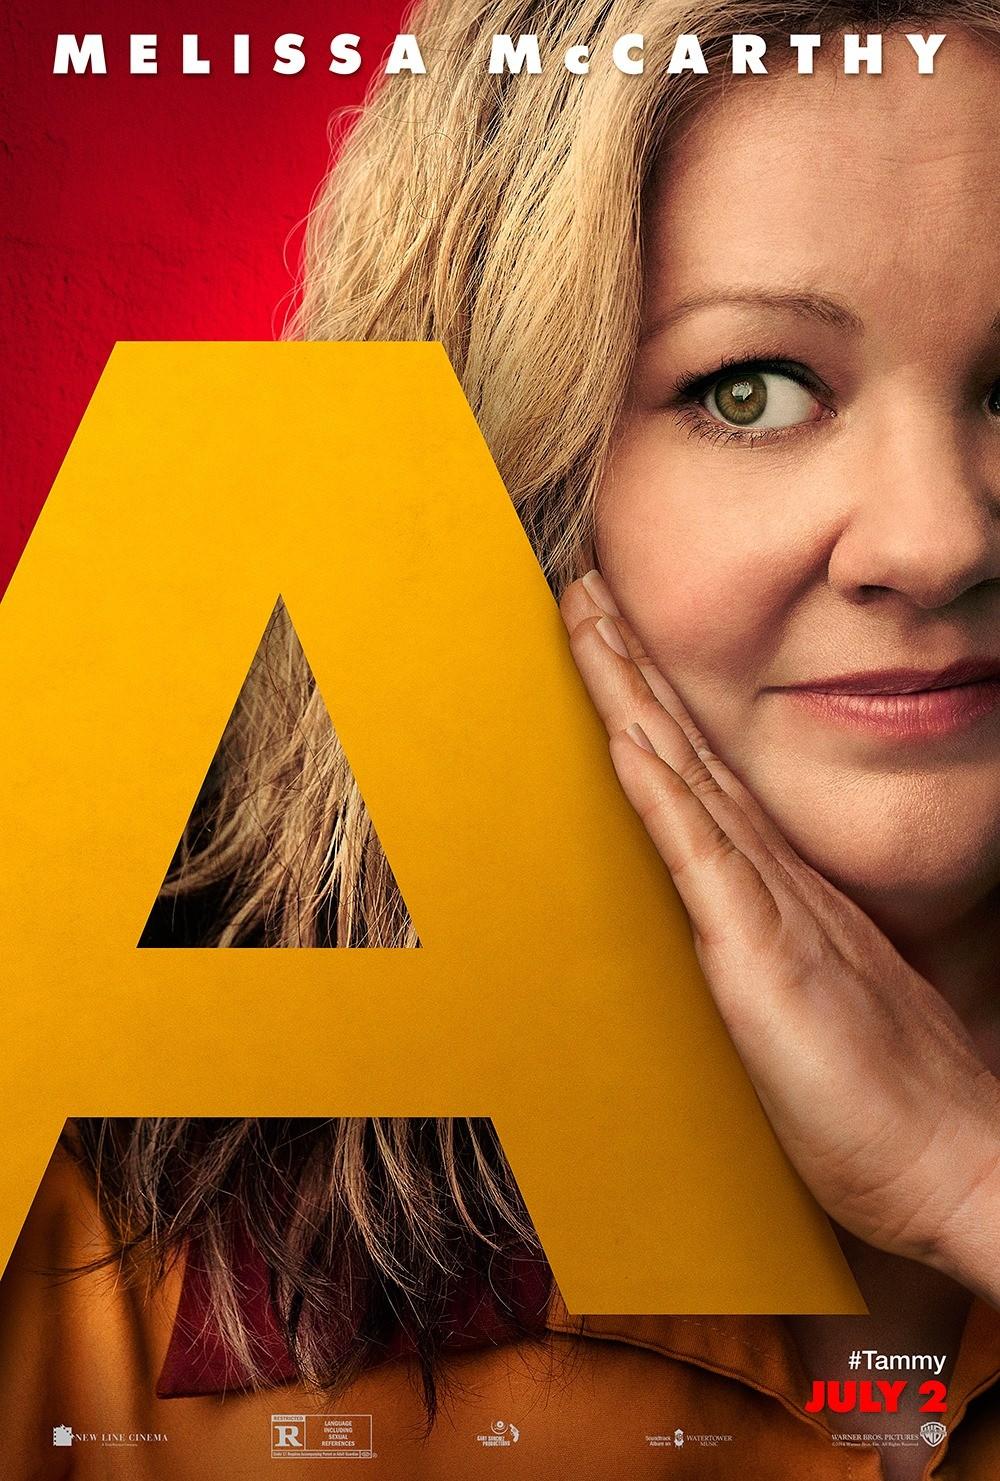 Tammy Dvd Release Date Redbox Netflix Itunes Amazon